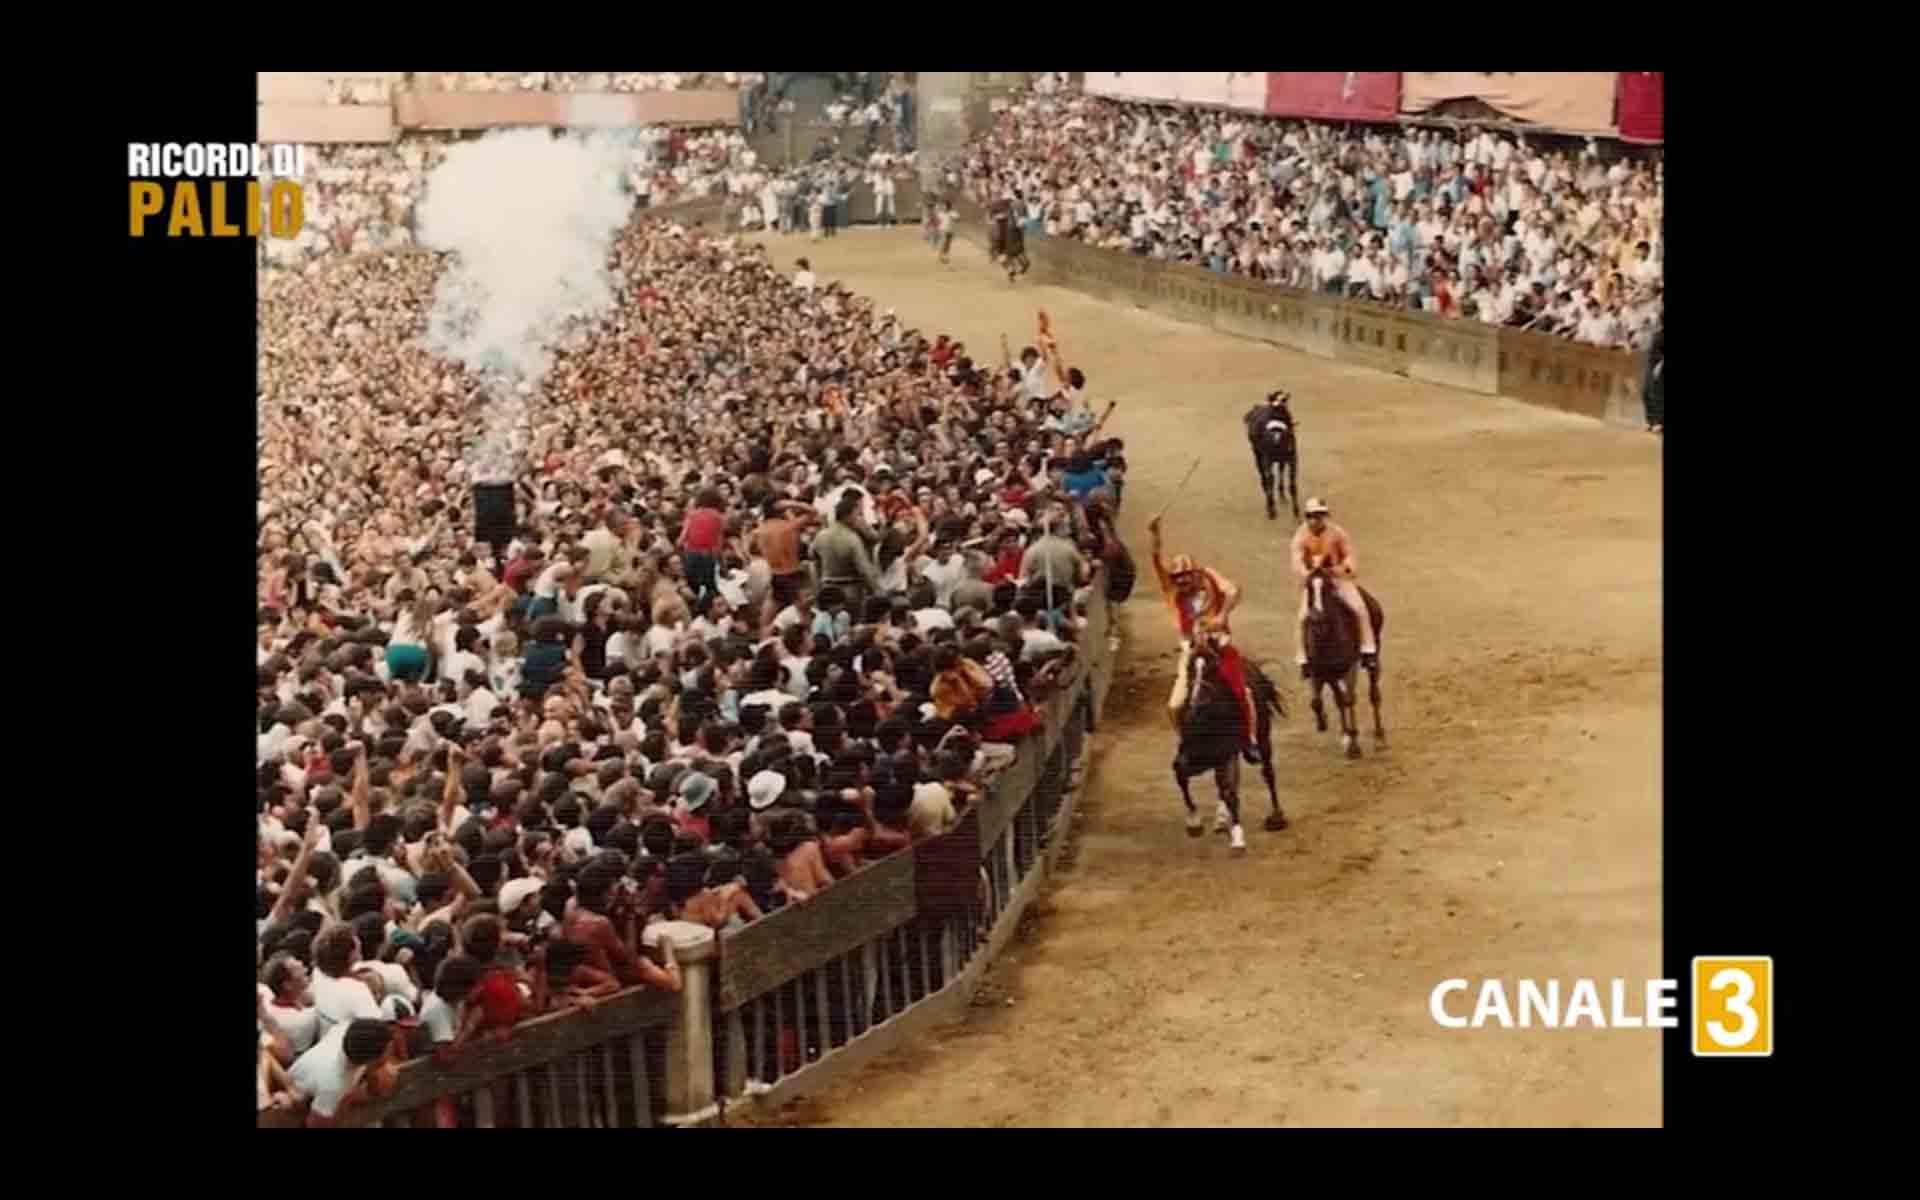 Massimo Alessandri detto Bazzino durante il Palio del 16 agosto 1982 su Panezio taglia il traguardo e vince per la Contrada della Chiocciola